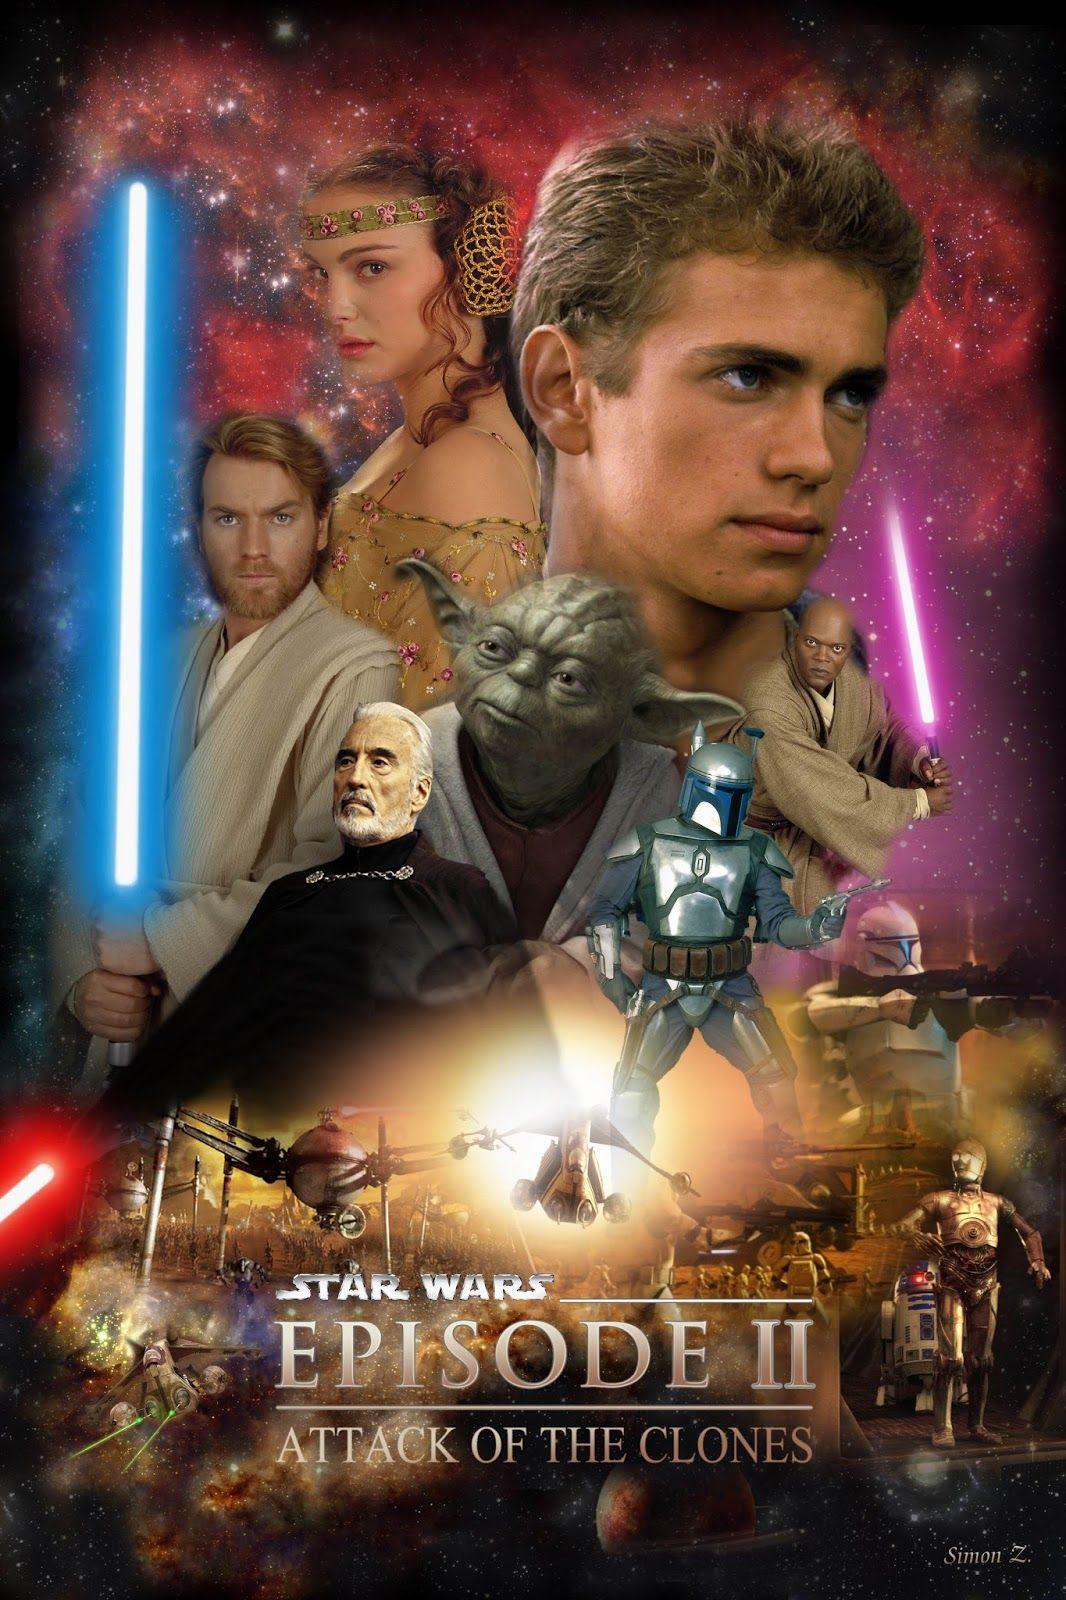 מלחמת הכוכבים חלק 2 - מתקפת המשובטים לצפייה ישירה עם תרגום מובנה